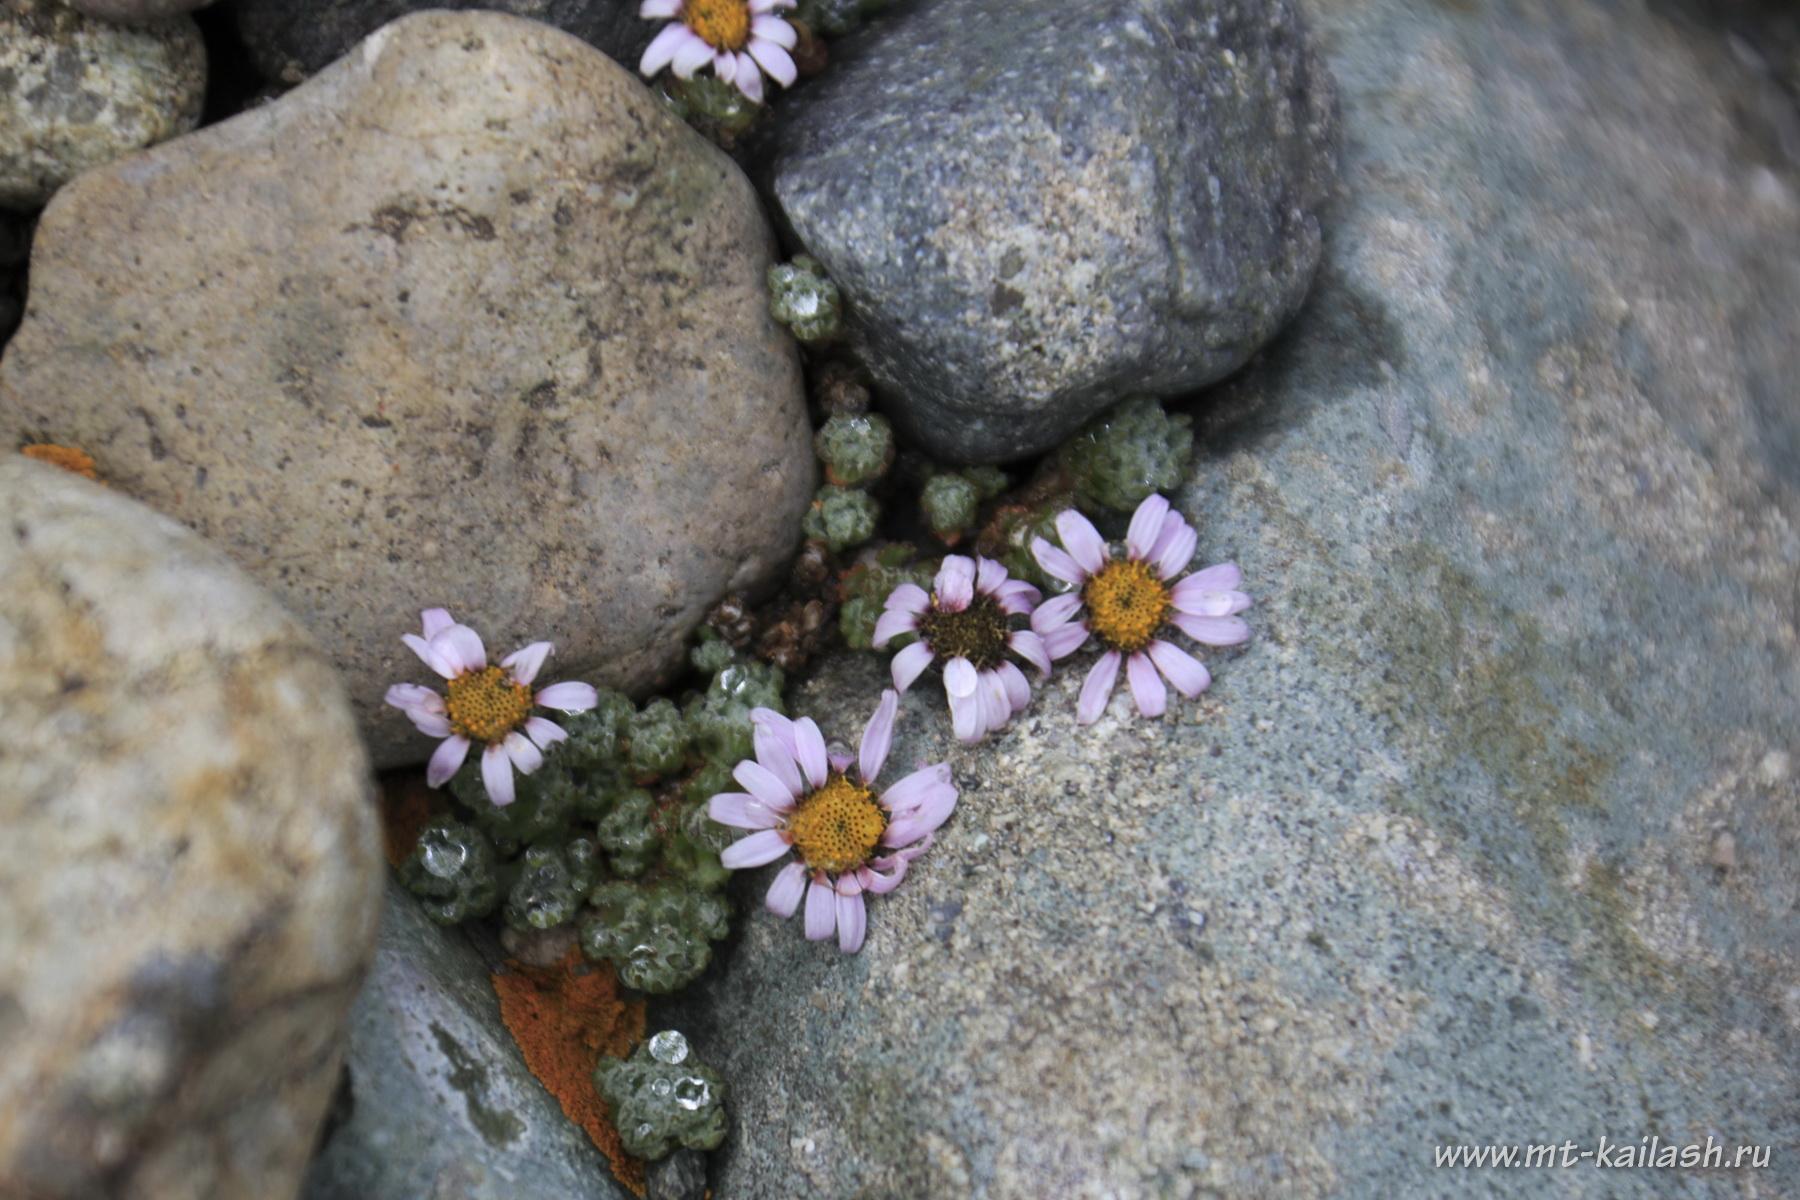 waldheimia-glabra-po-vidimomu